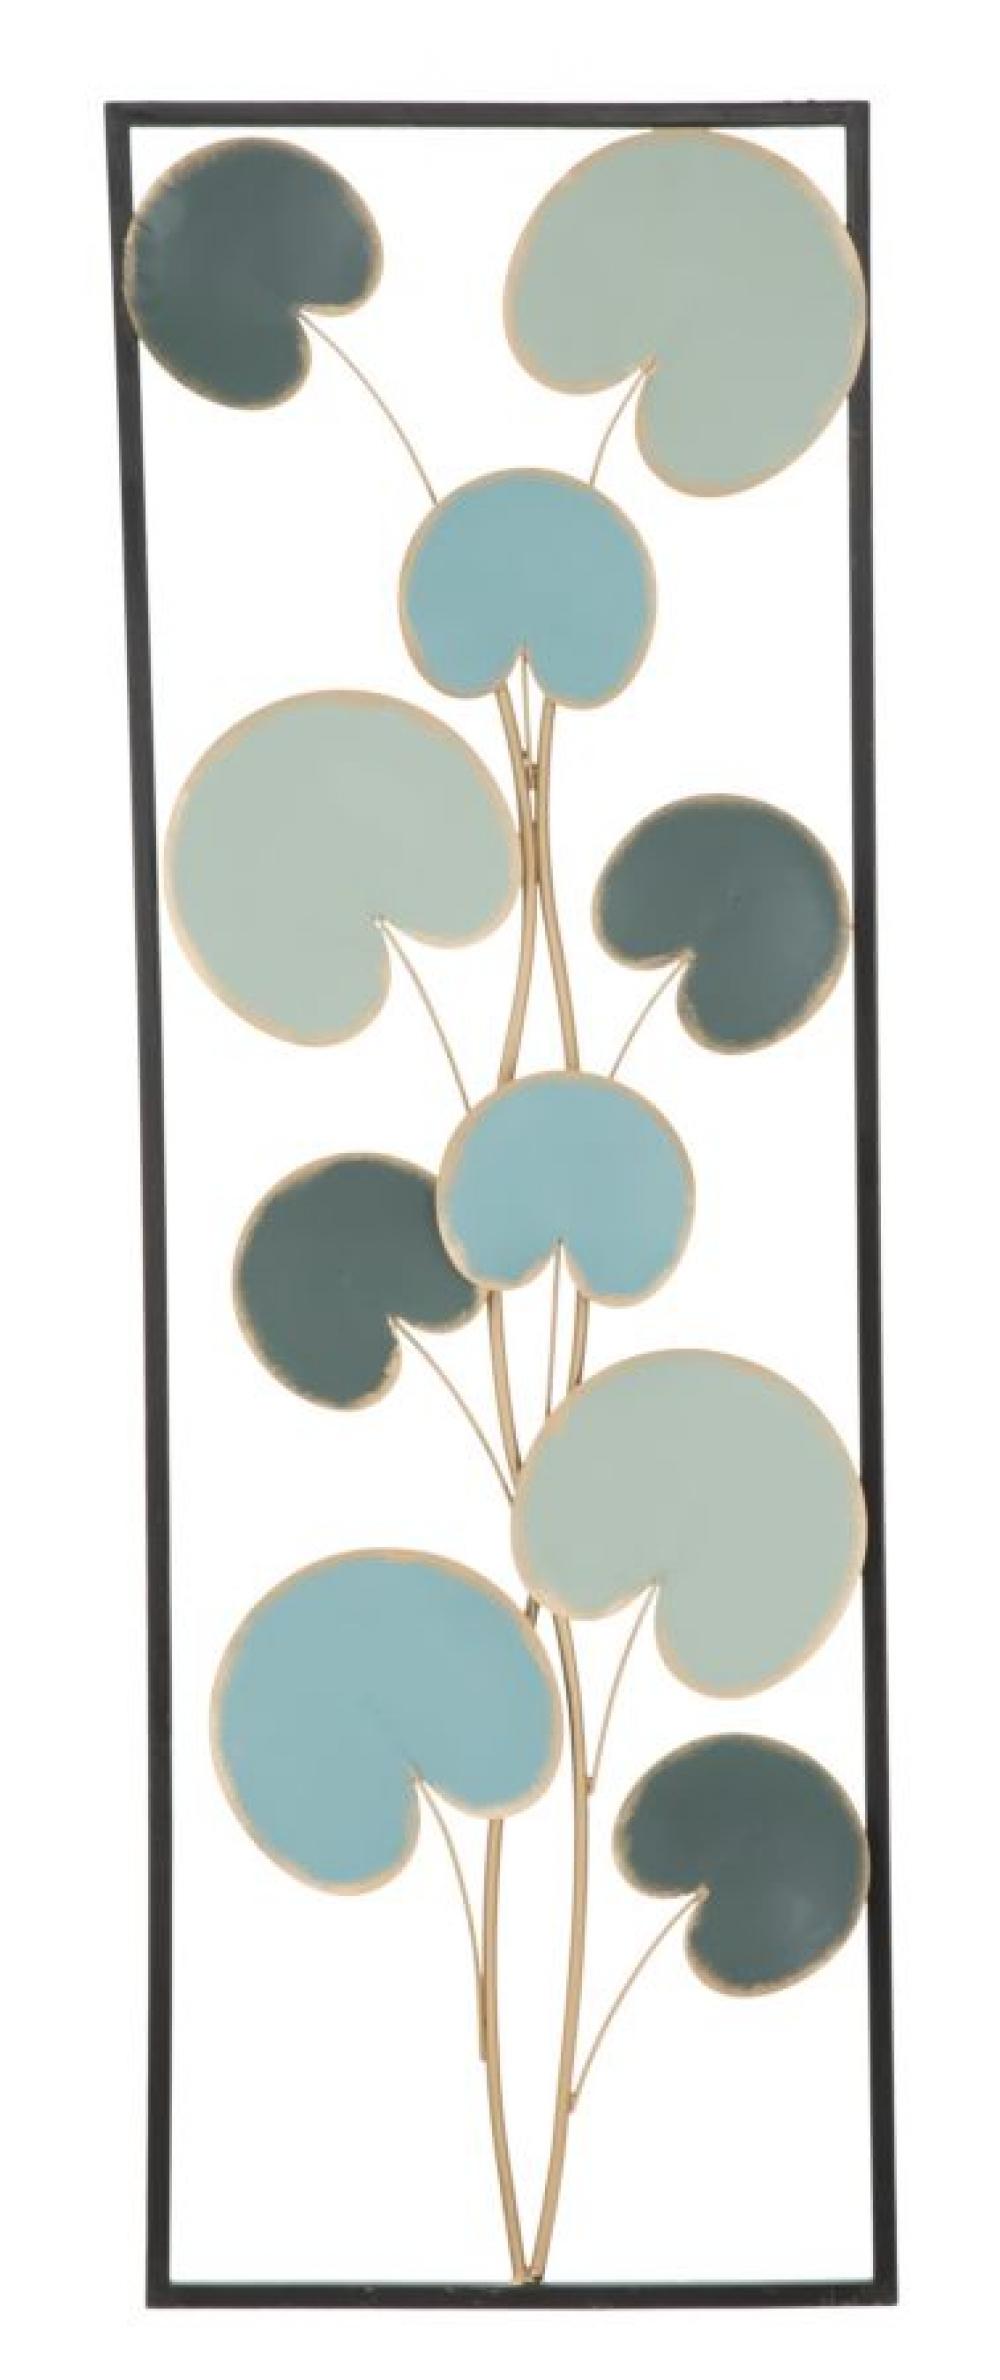 Decoratiune metalica de perete Monal 93x4x34cm imagine 2021 insignis.ro